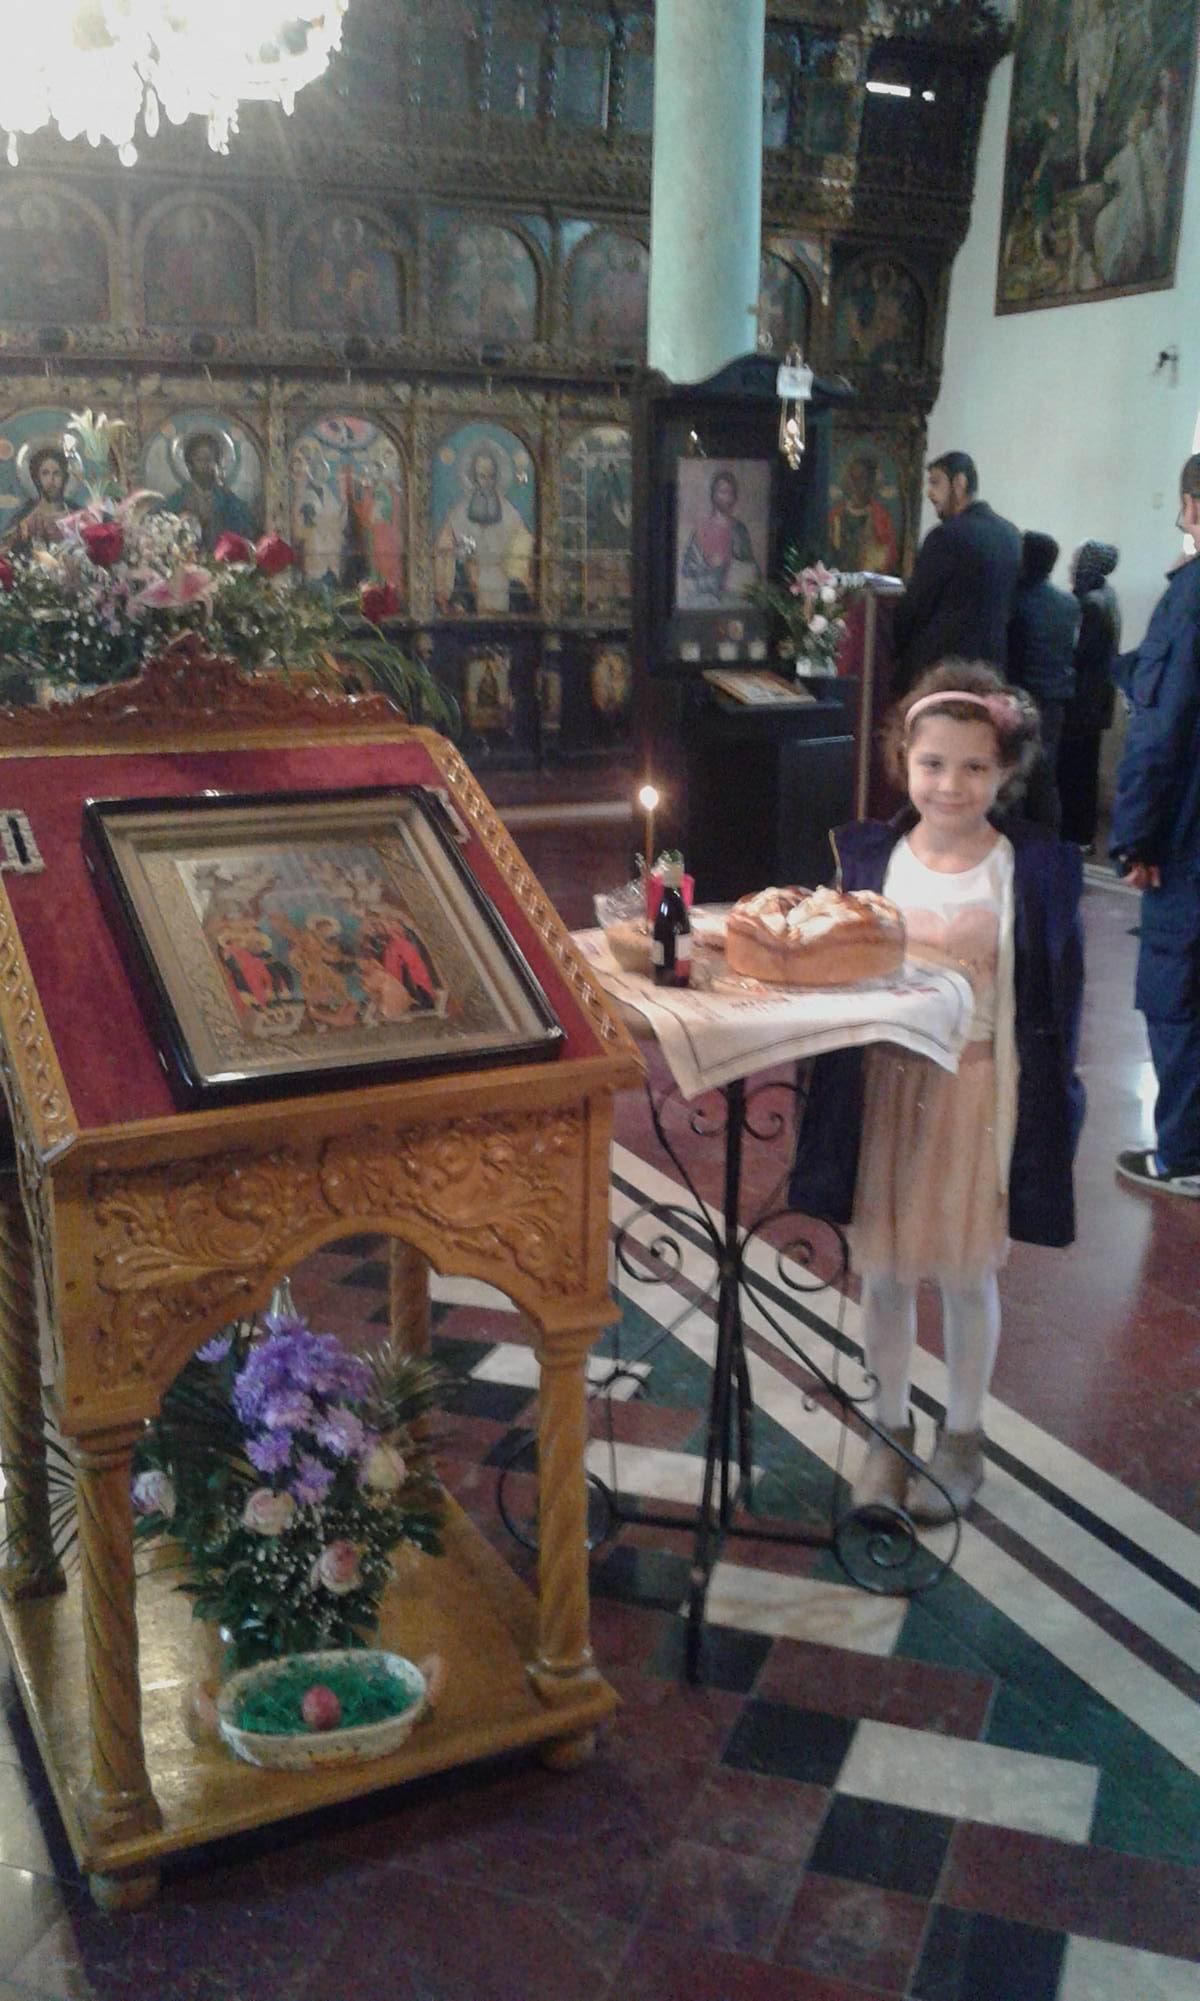 Photo of Zahvaljujući pomoći humanih ljudi, mala princeza Mila Panić uživa u detinjstvu kao i svi njeni vršnjaci